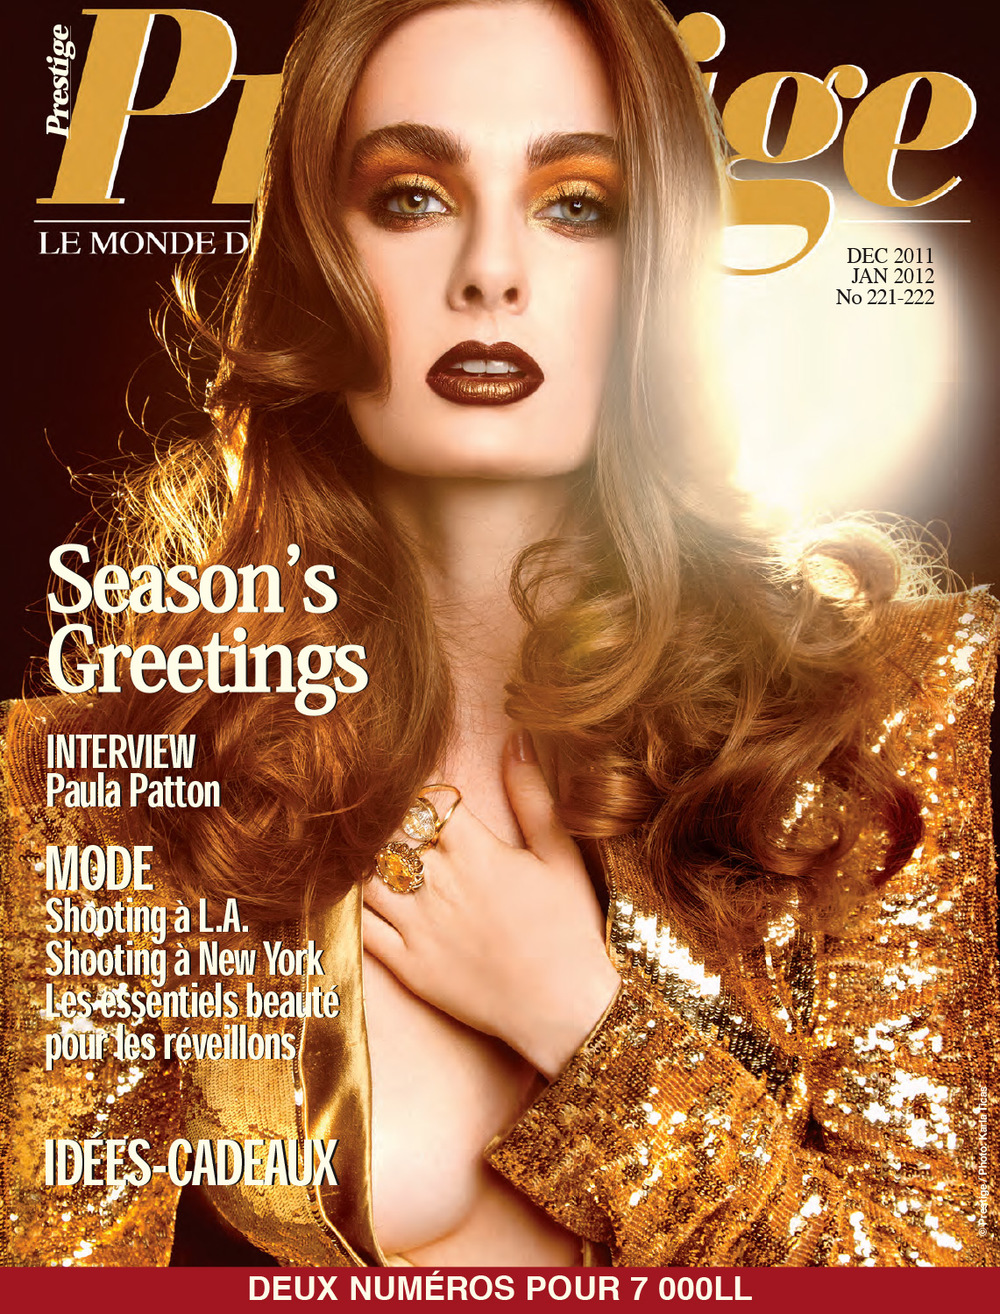 Cover-LA.jpg